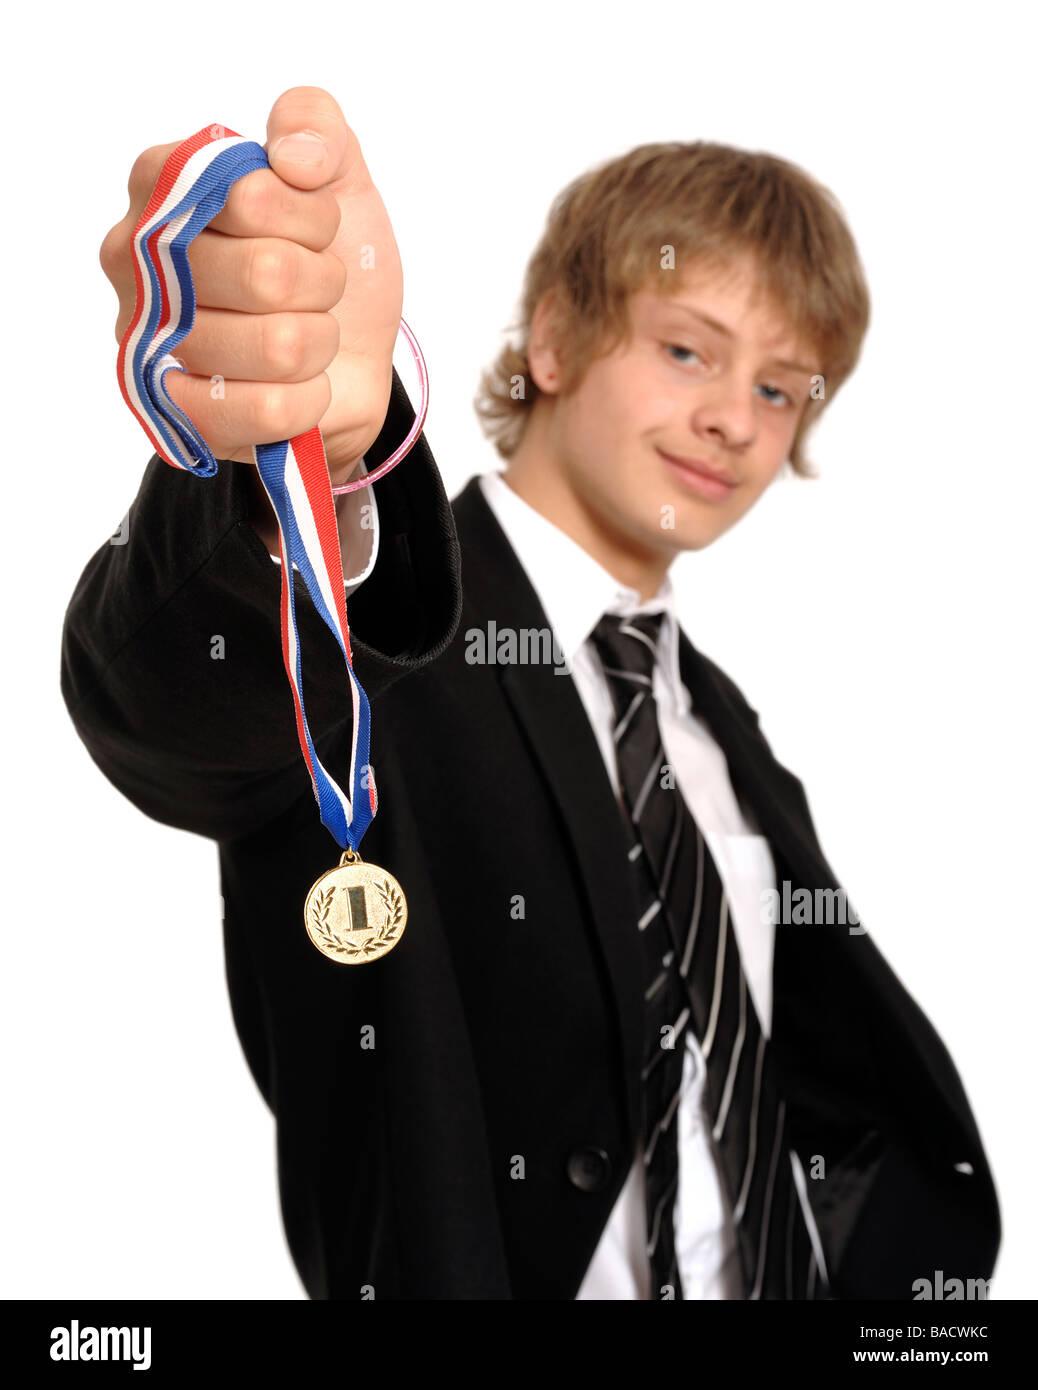 Écolier avec une première médaille d'or Photo Stock